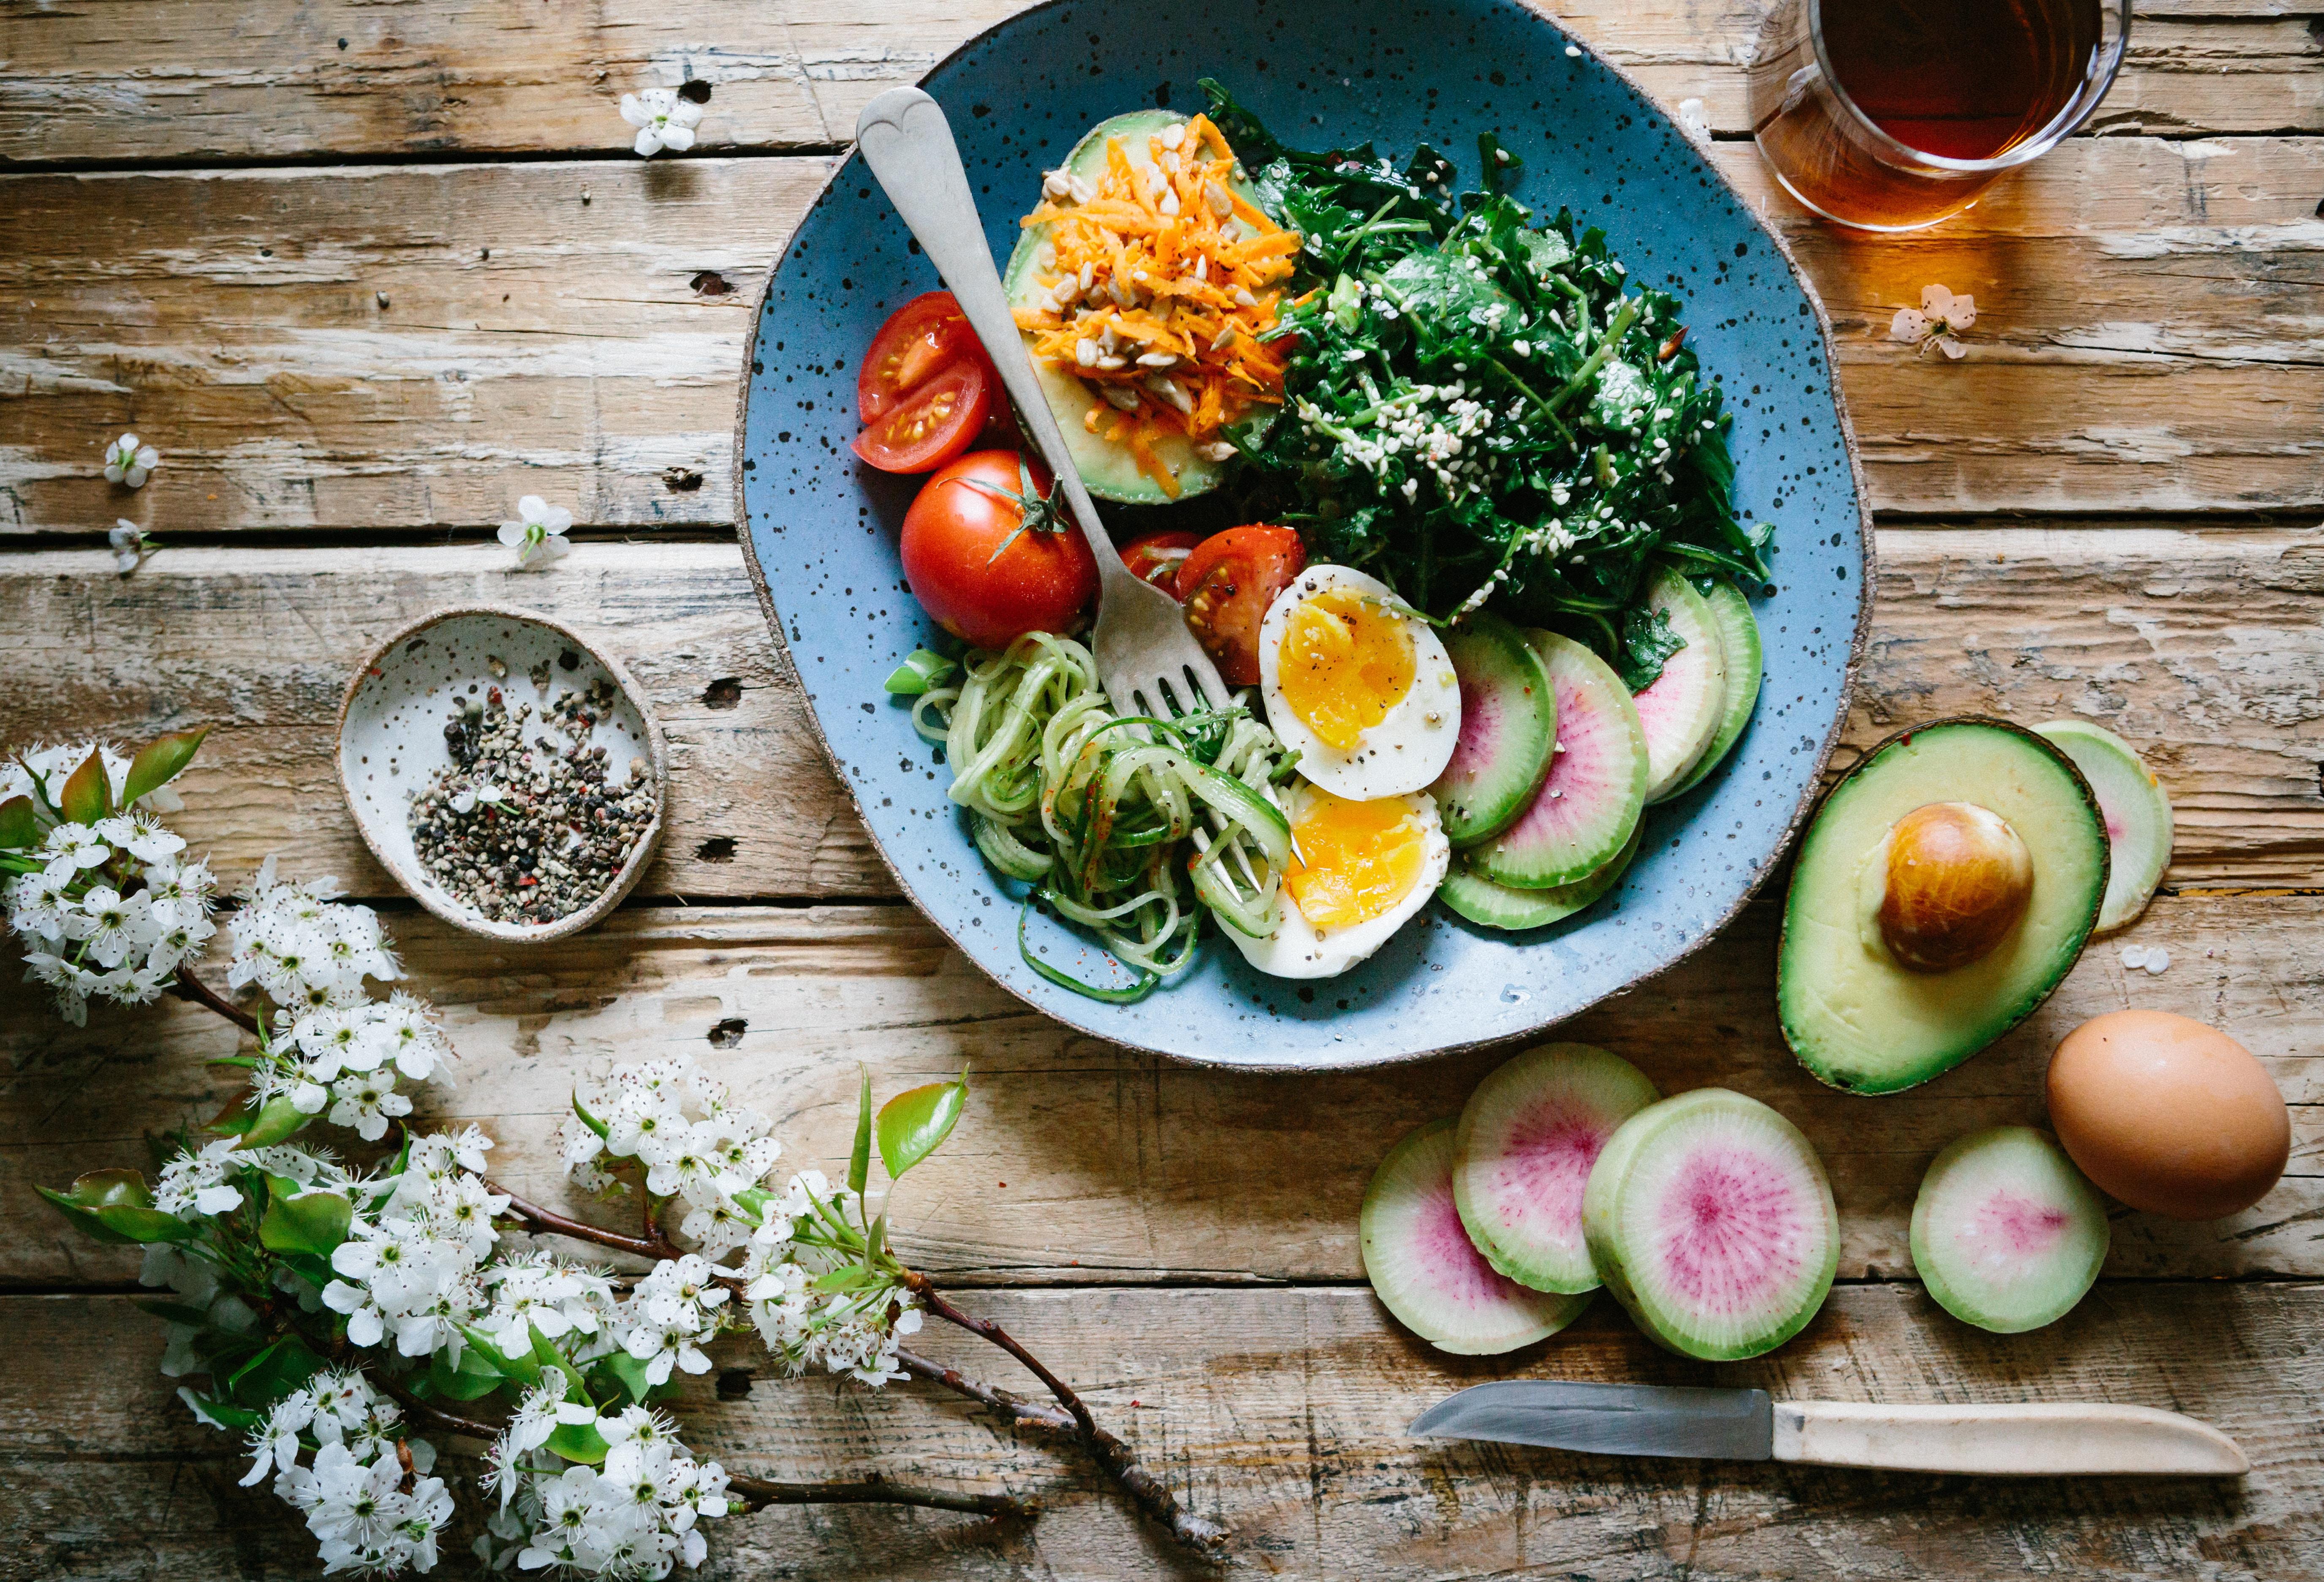 Combinazioni Alimentari Come Abbinare I Cibi In Modo Corretto Rosanna Lambertucci